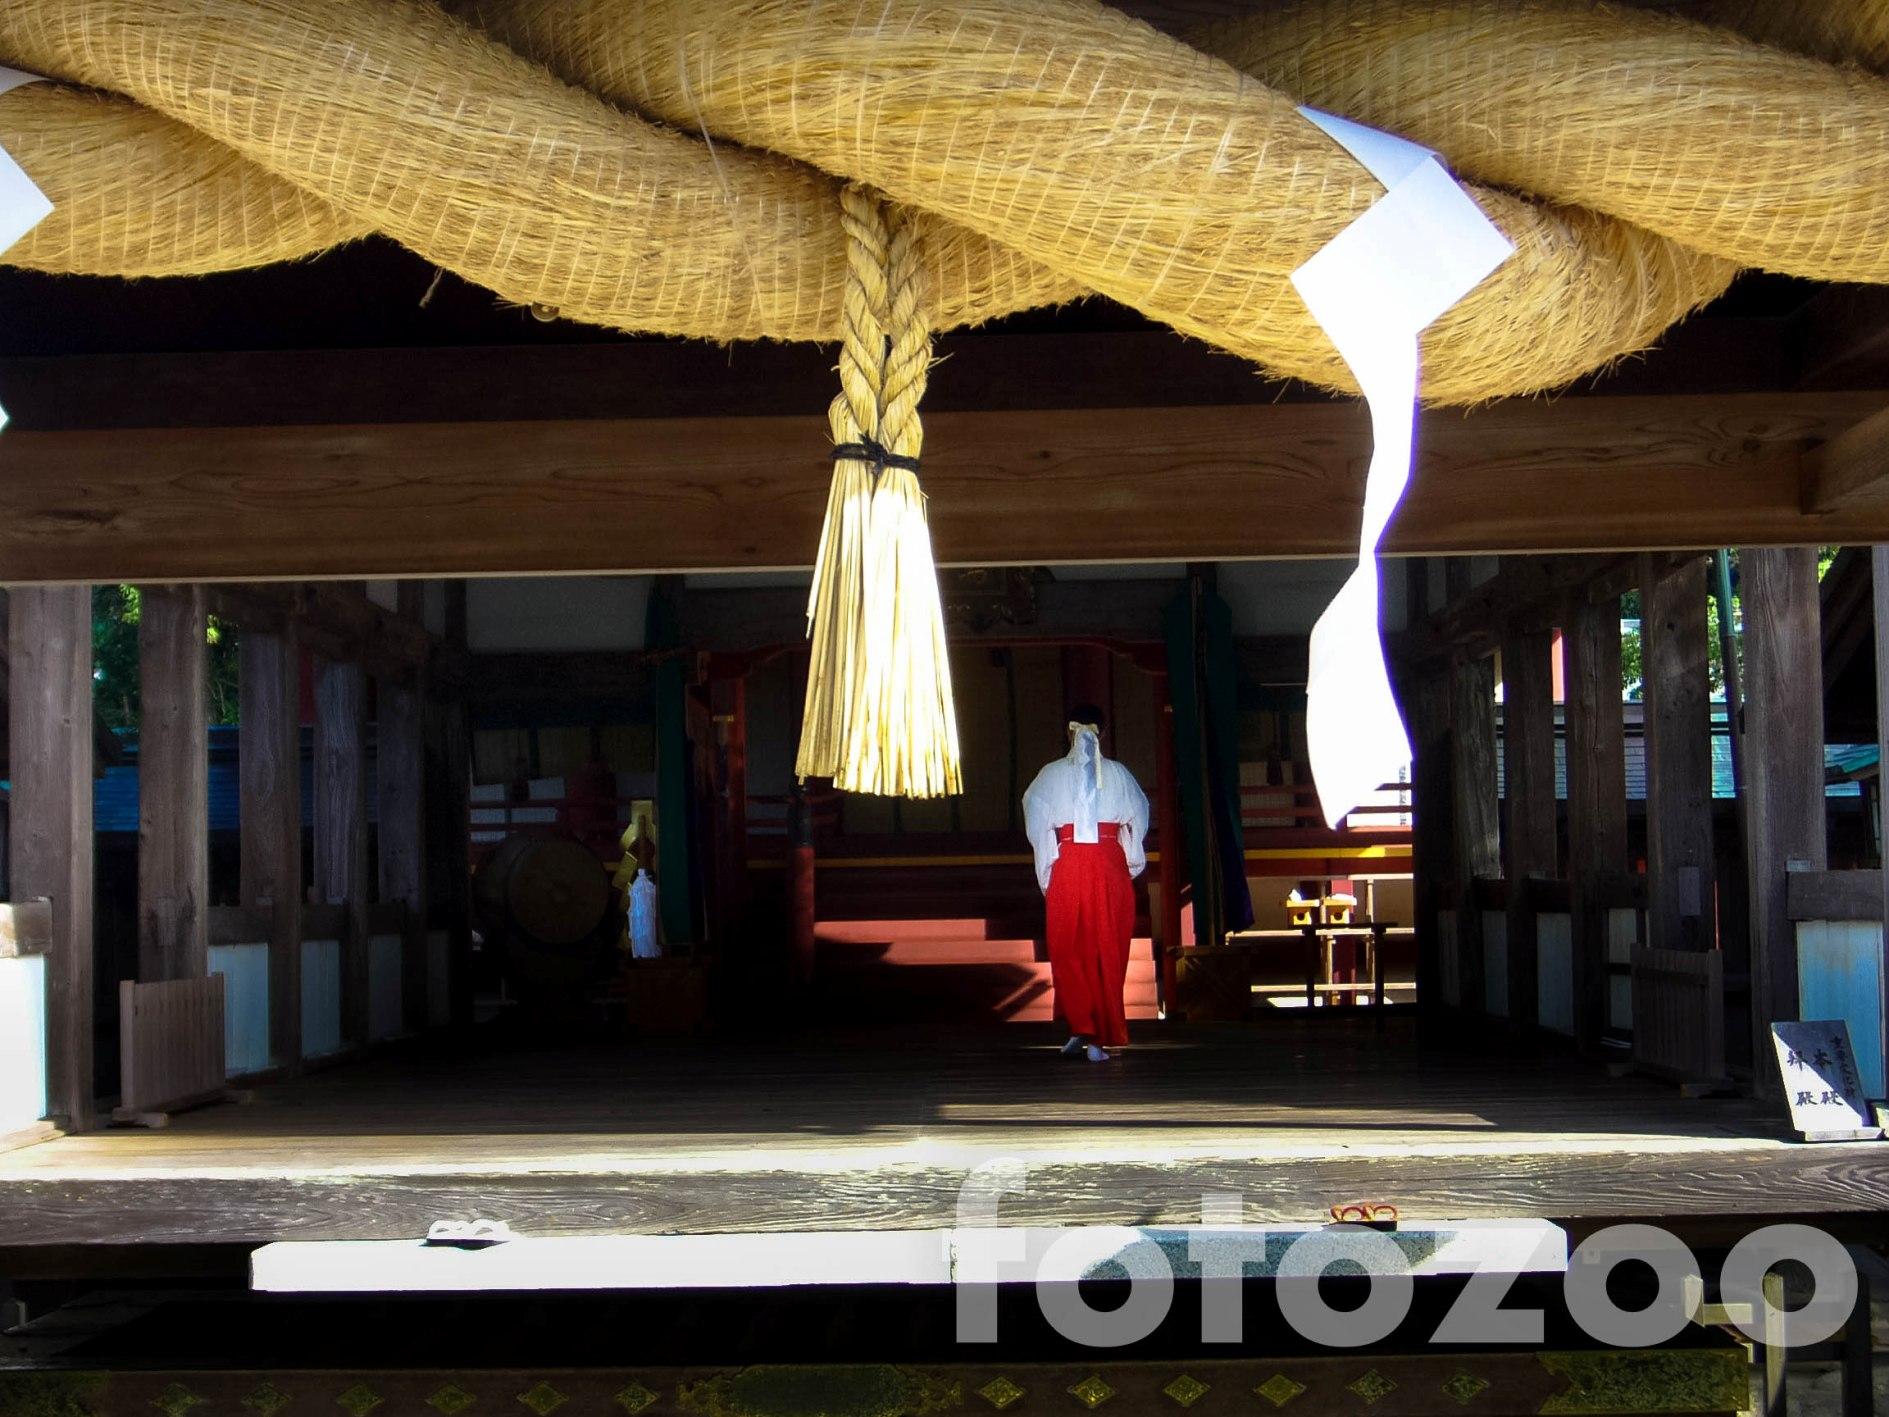 Méretes szalmakötél Fukutsu egyik sintó szentélyében.